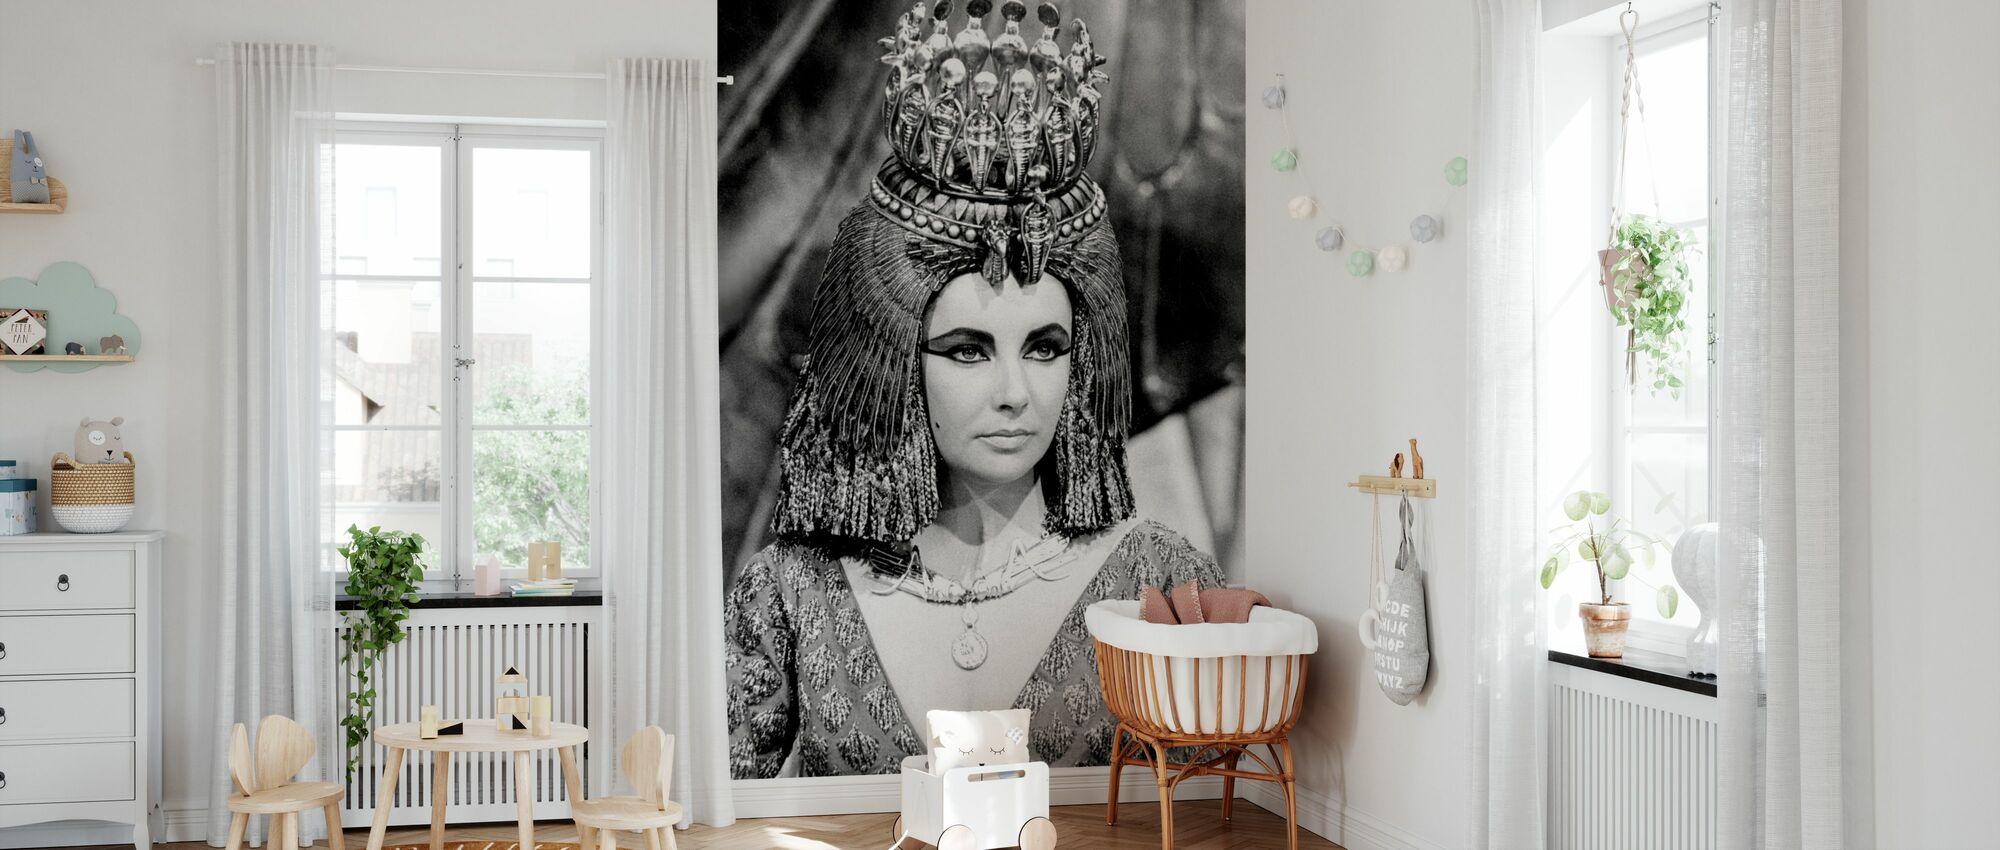 Queen Cleopatra - Wallpaper - Nursery